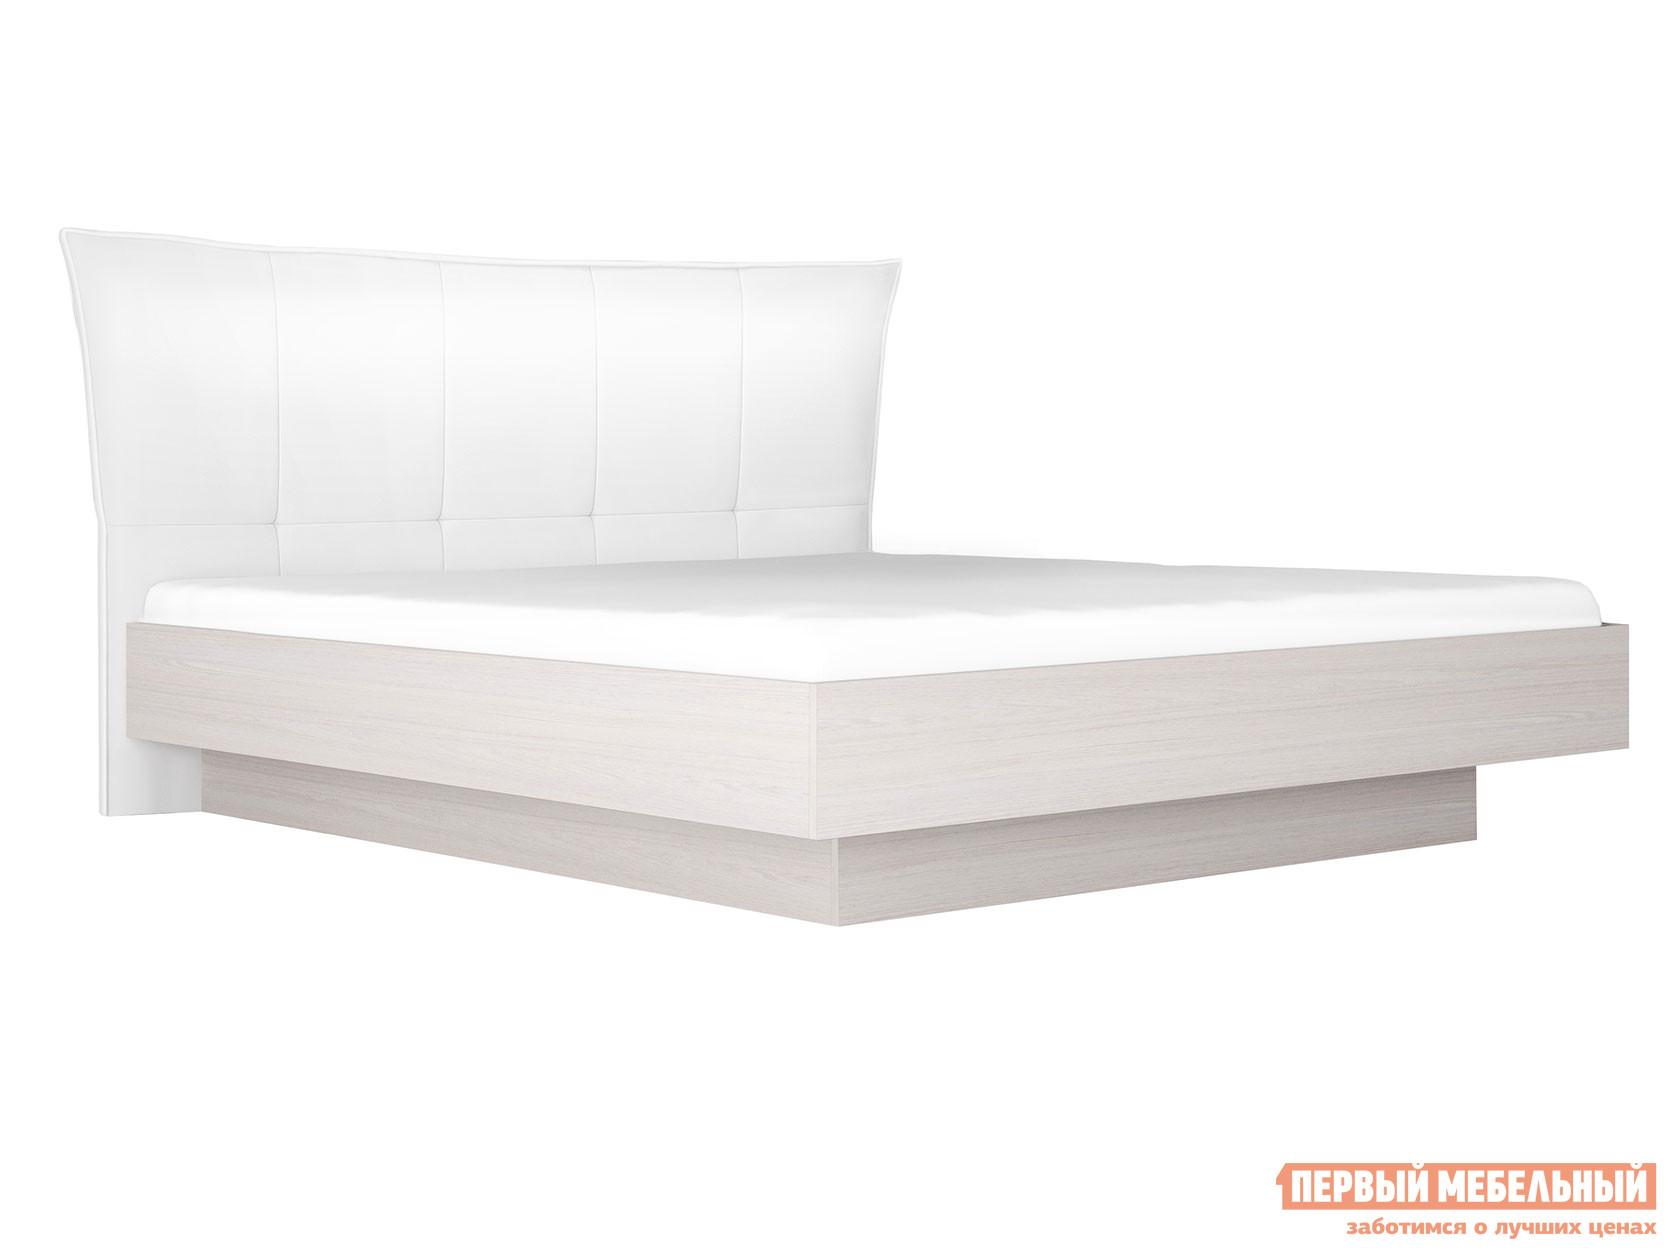 Двуспальная кровать Кровать с подъемным механизмом Парма НЕО 4 Ясень анкор светлый / Экокожа белая, 1800 Х 2000 мм фото